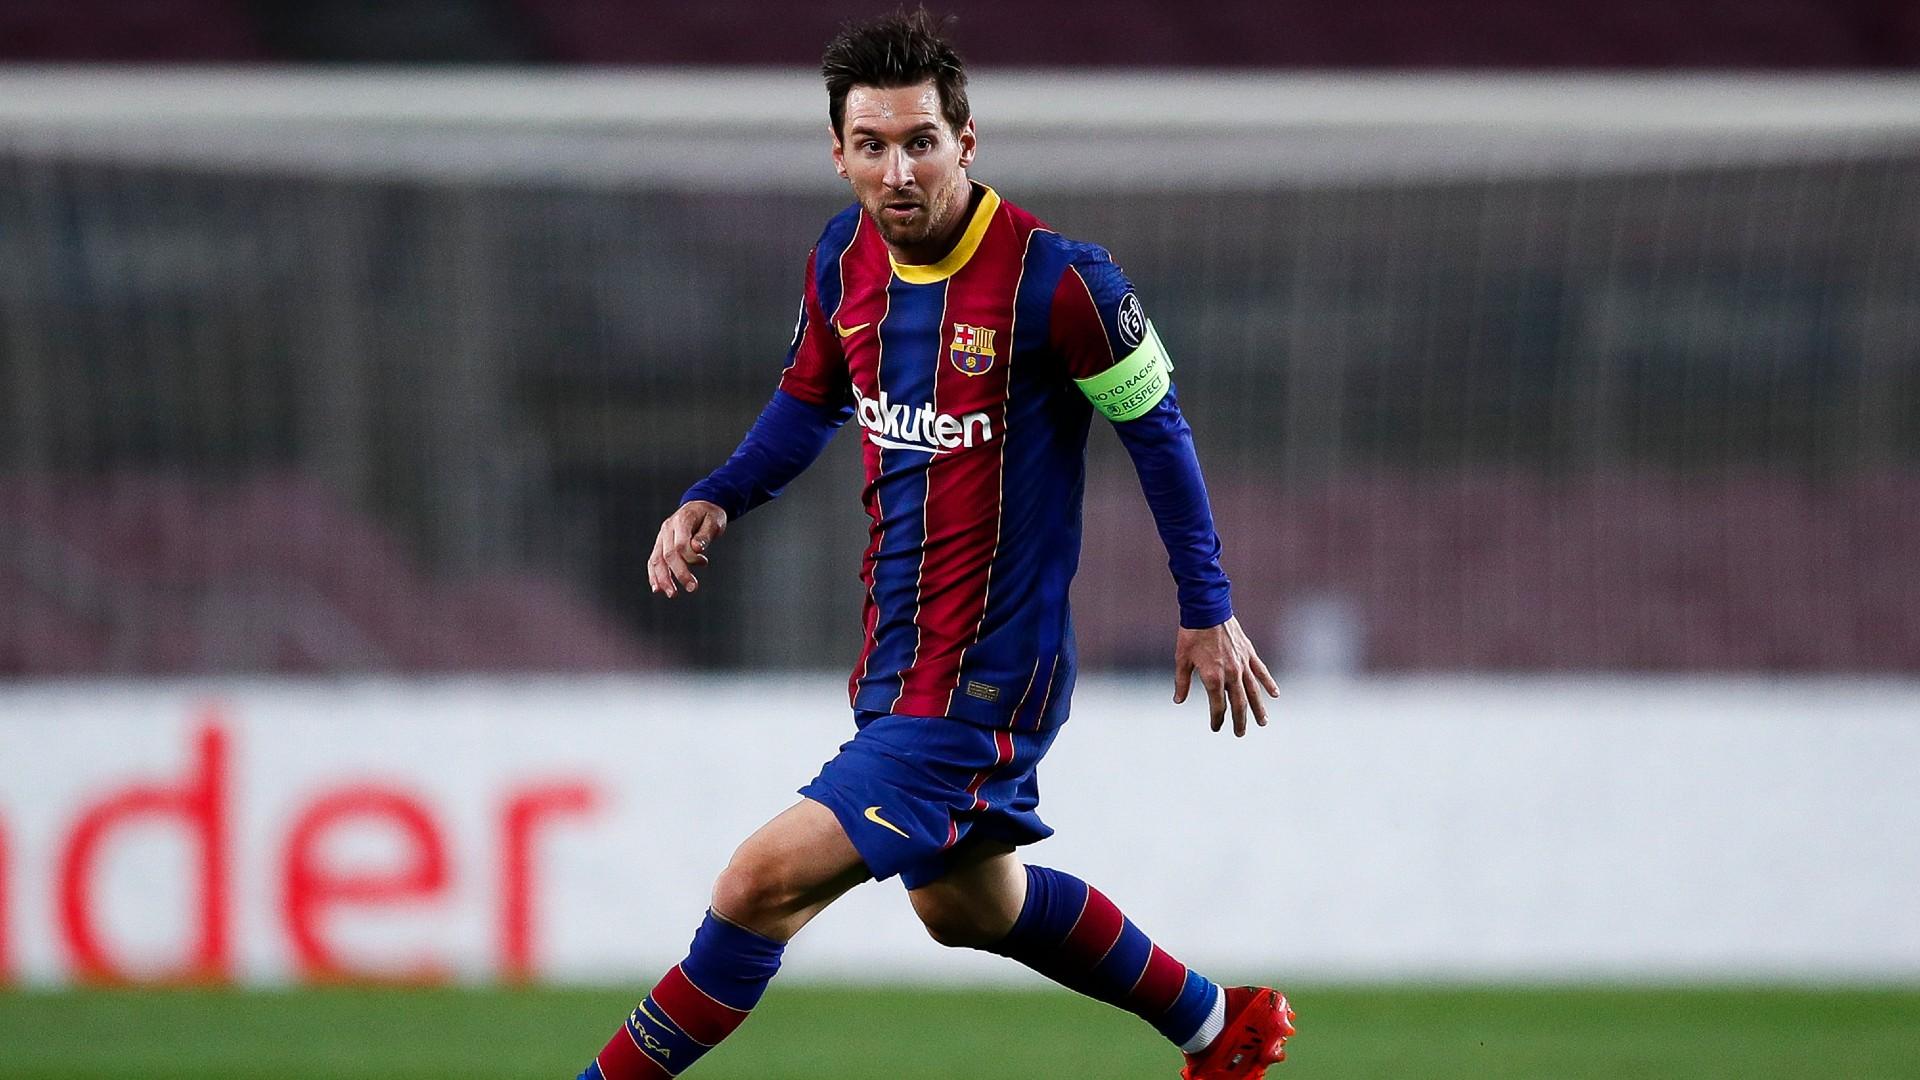 Lágrimas Arroyo Generosidad  A qué hora juega el Barcelona?: Día, fecha y horario de los próximos  partidos | Goal.com